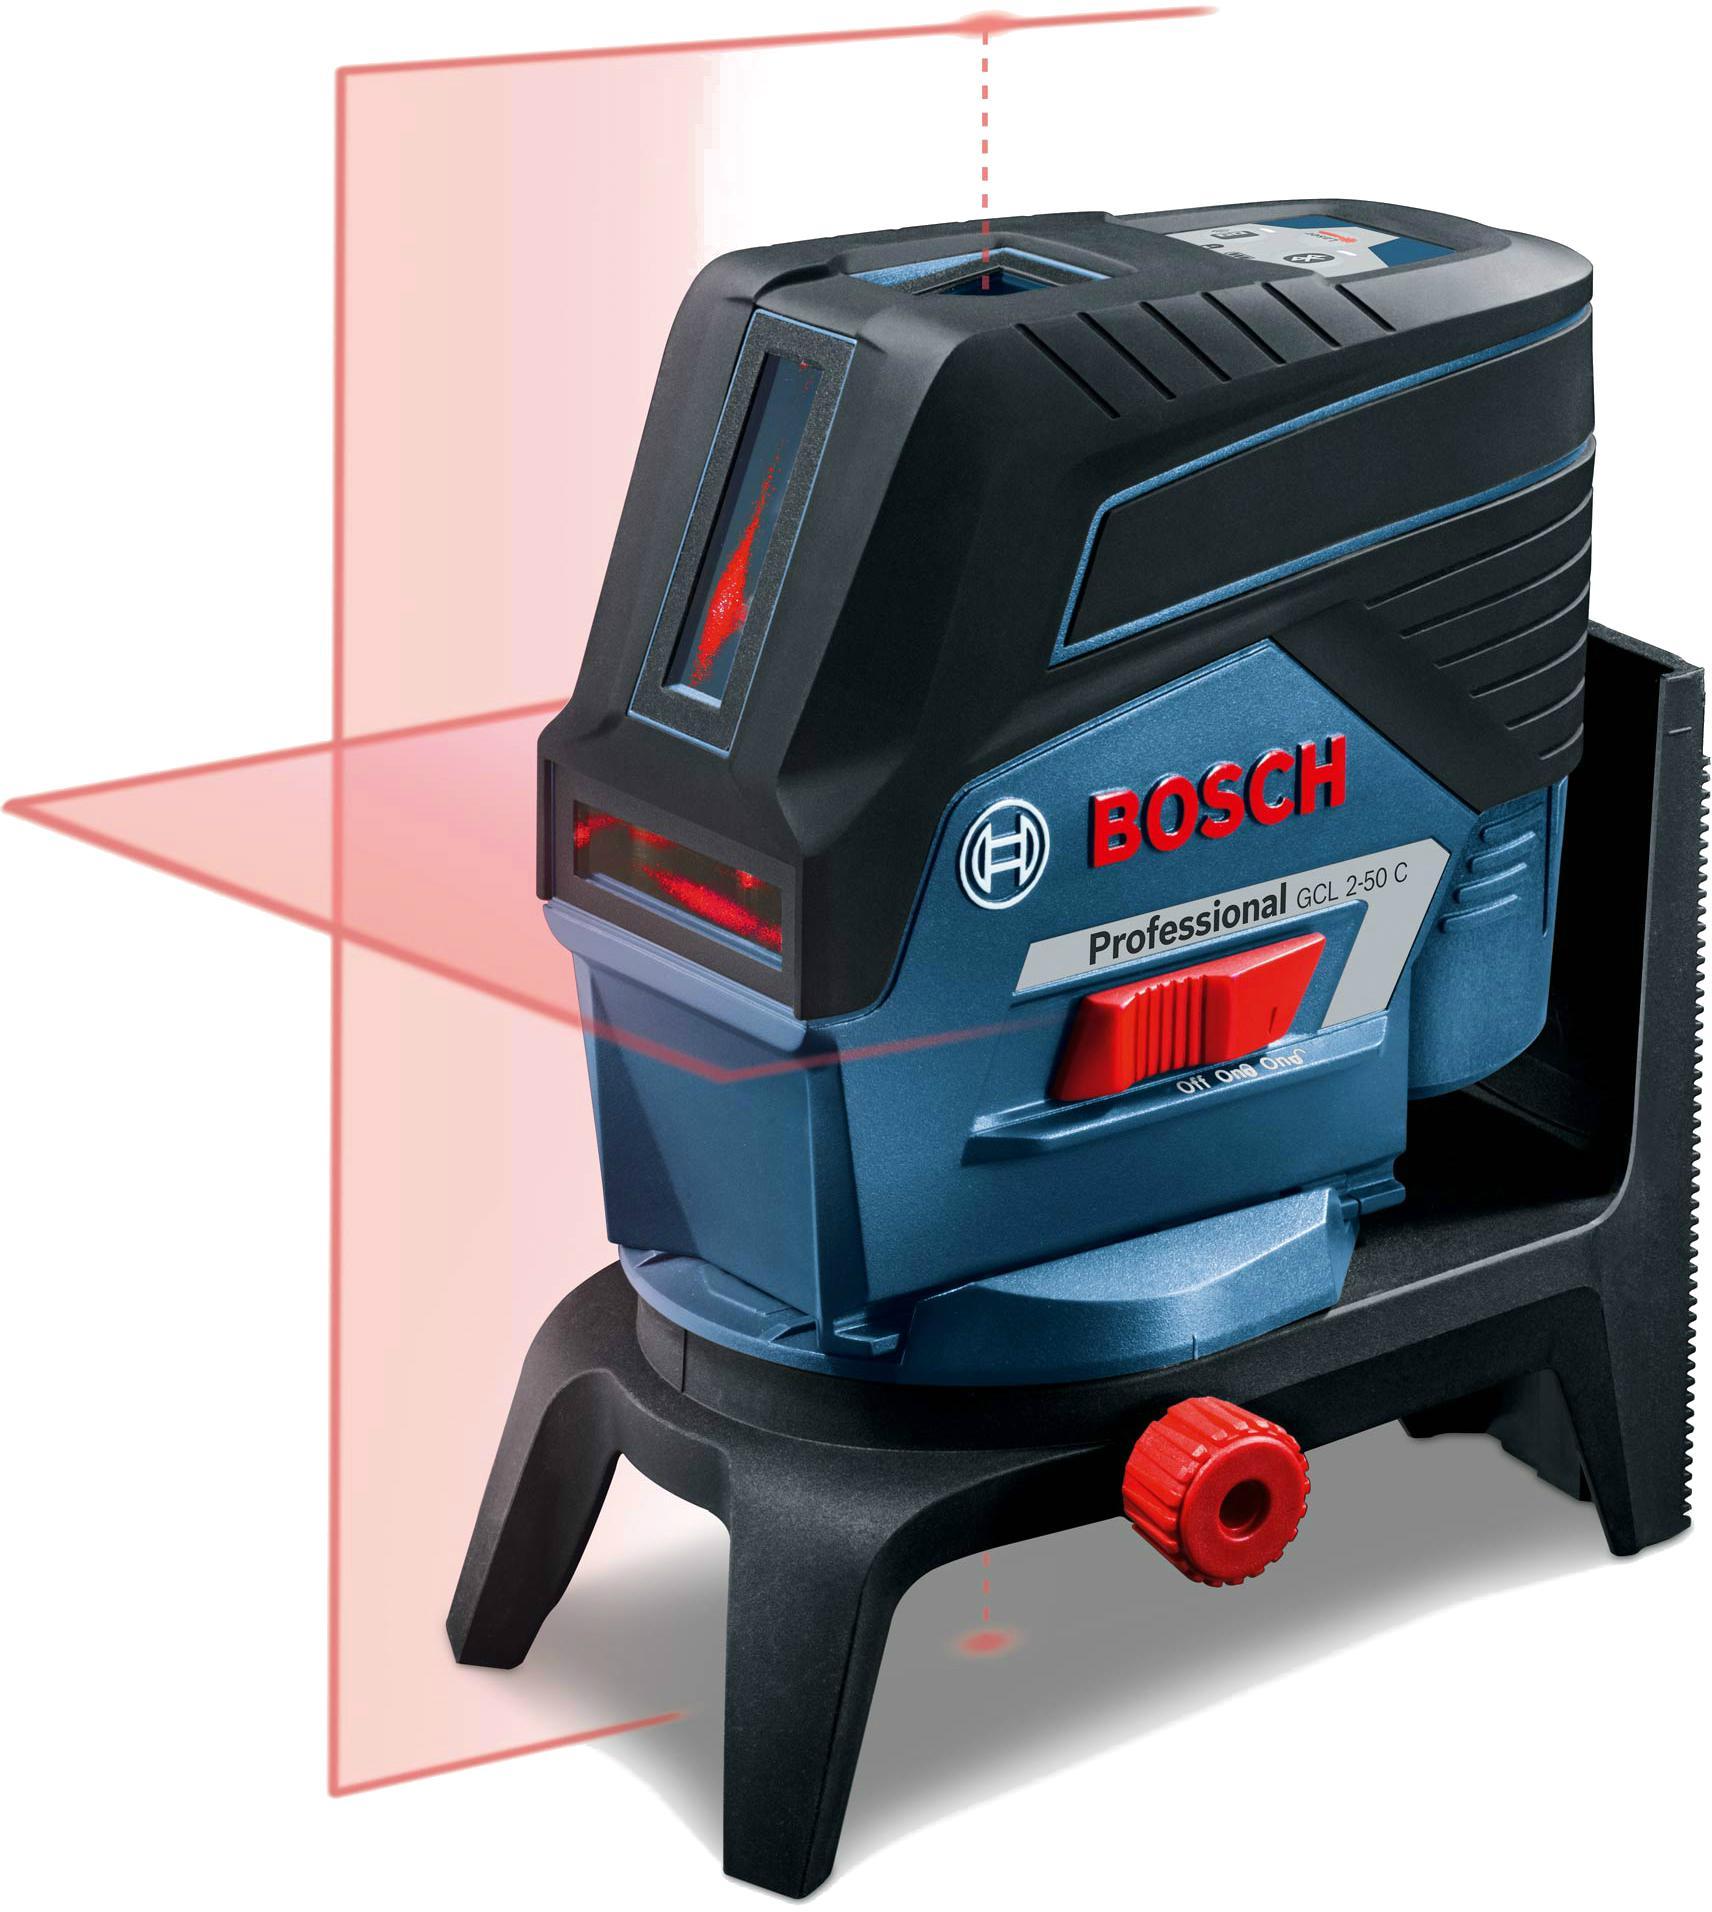 Уровень Bosch Gcl 2-50c+rm3+bm3+12v+lboxx (0.601.066.g03) bosch isio 3 060083310 g